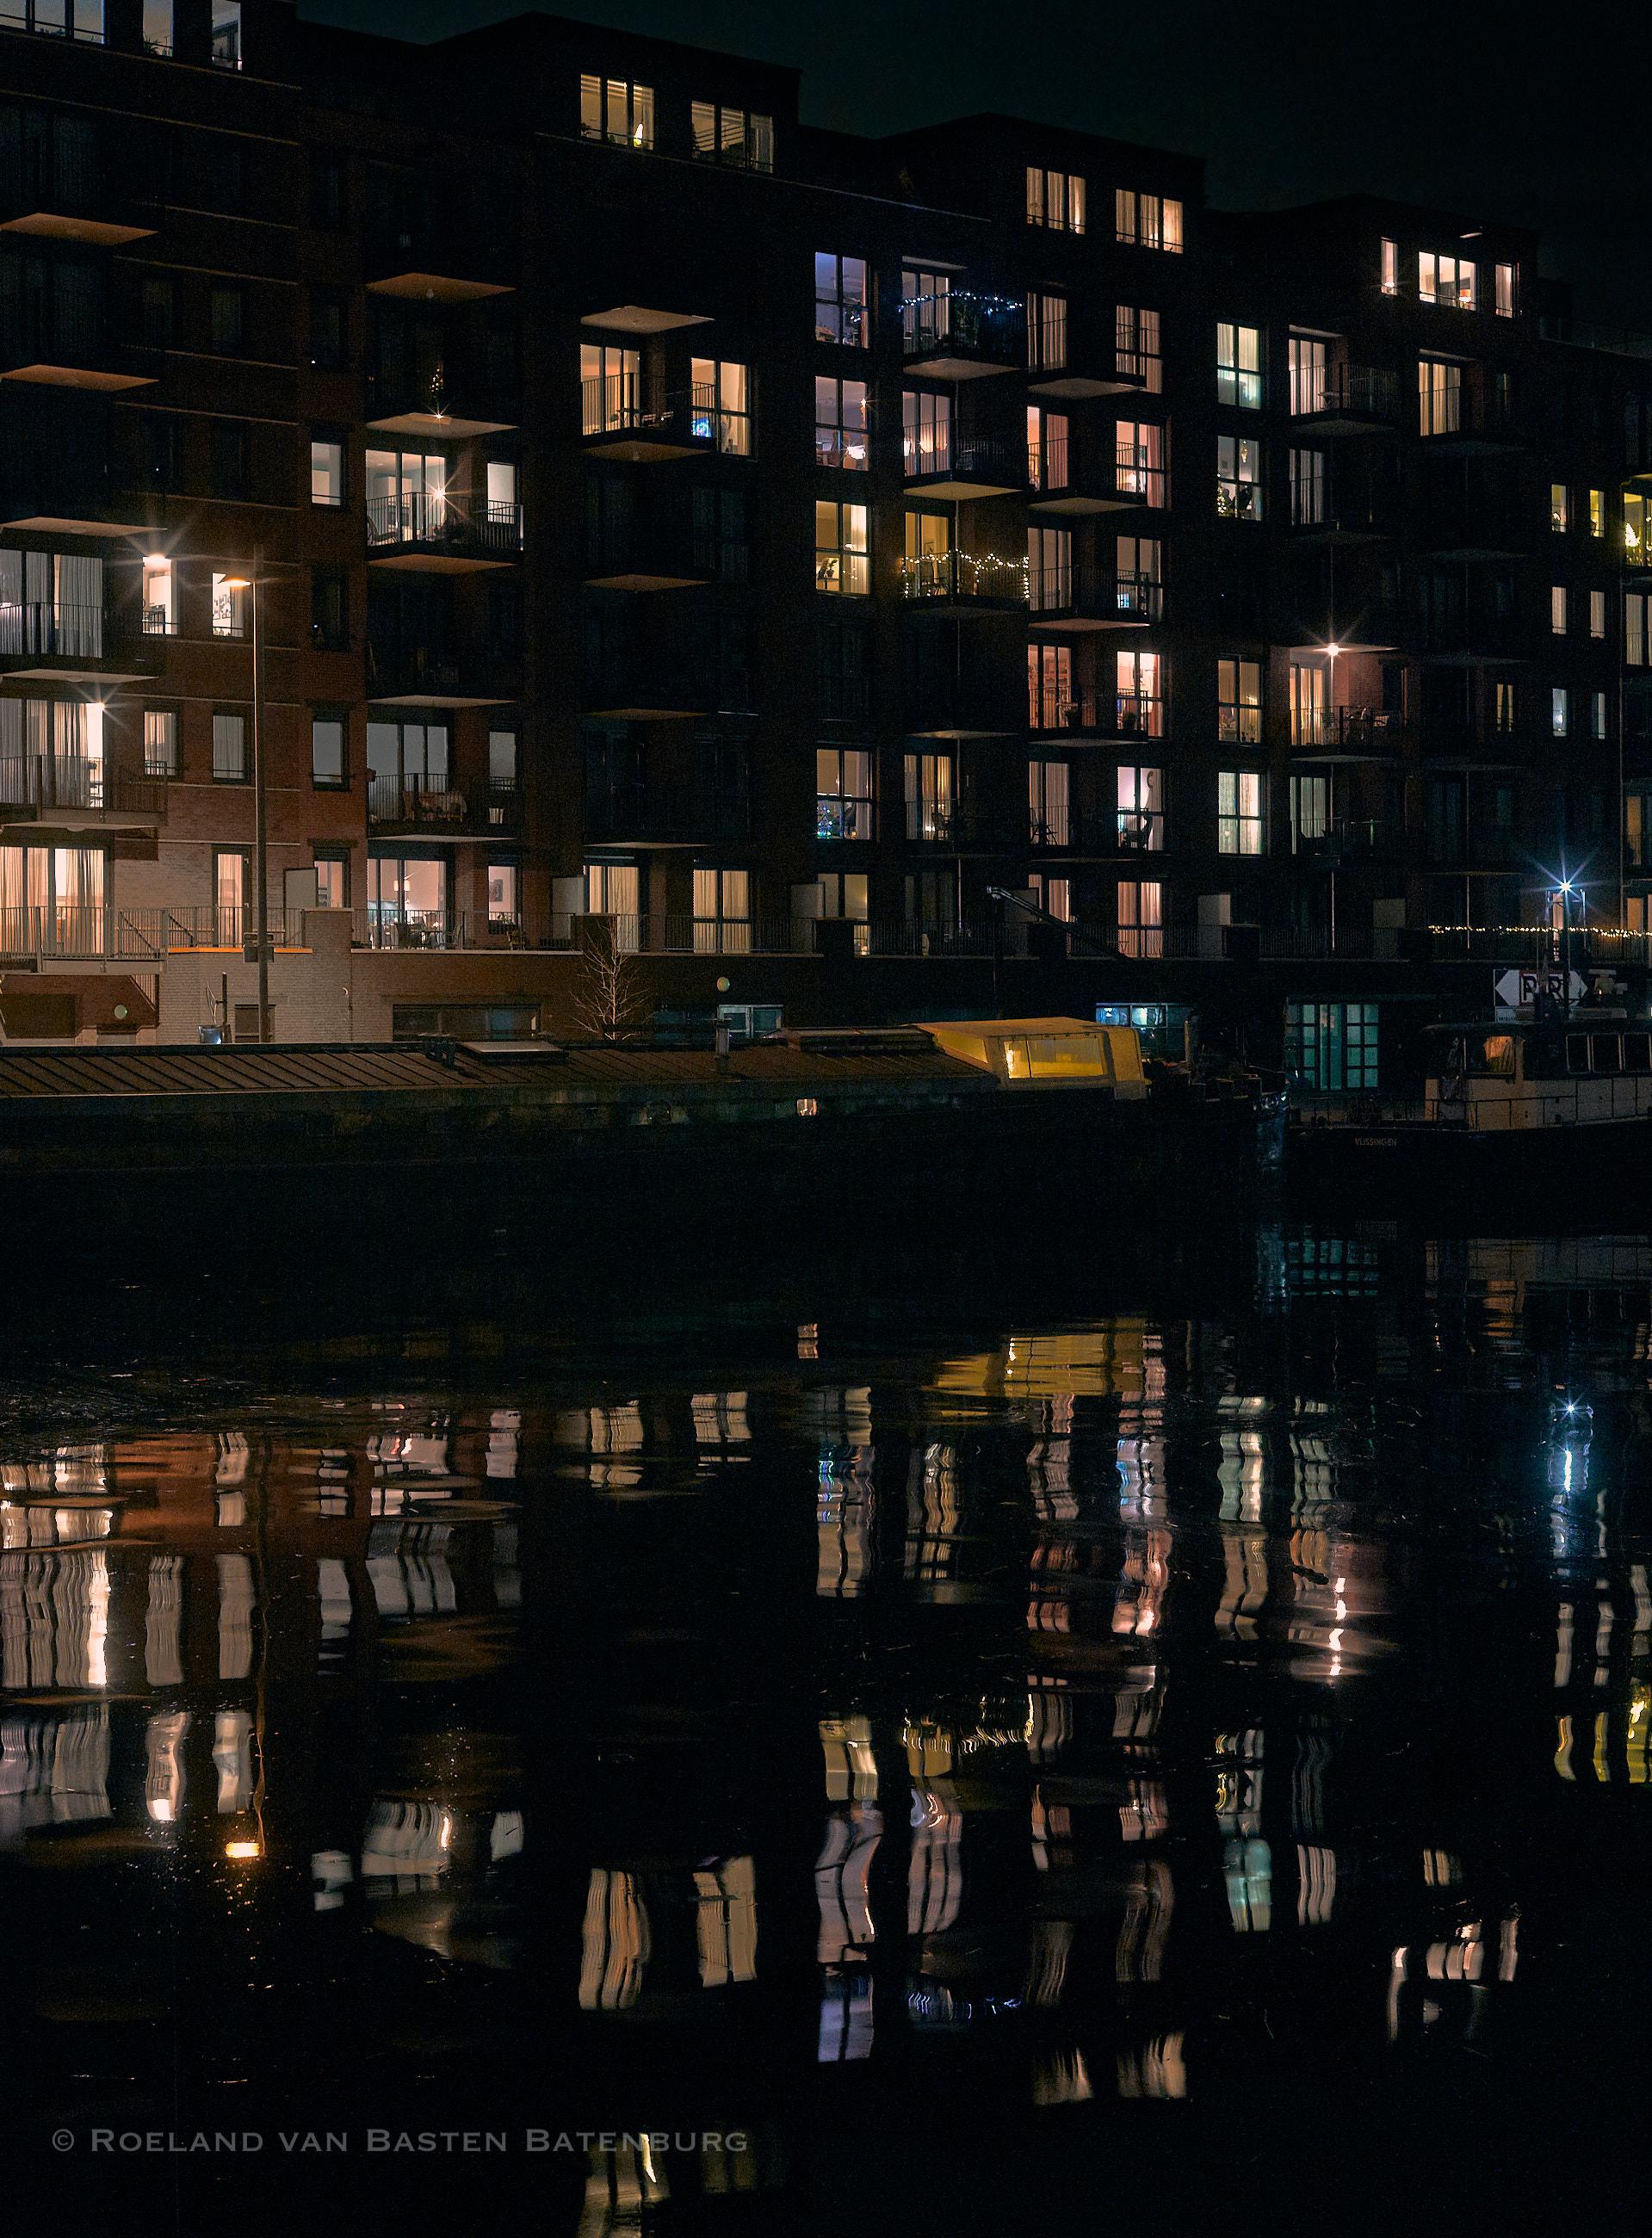 Terneuzen in December. De foto is redelijk uniek want het waait hier bijna altijd dus je ziet nooit zulke reflectie in het water